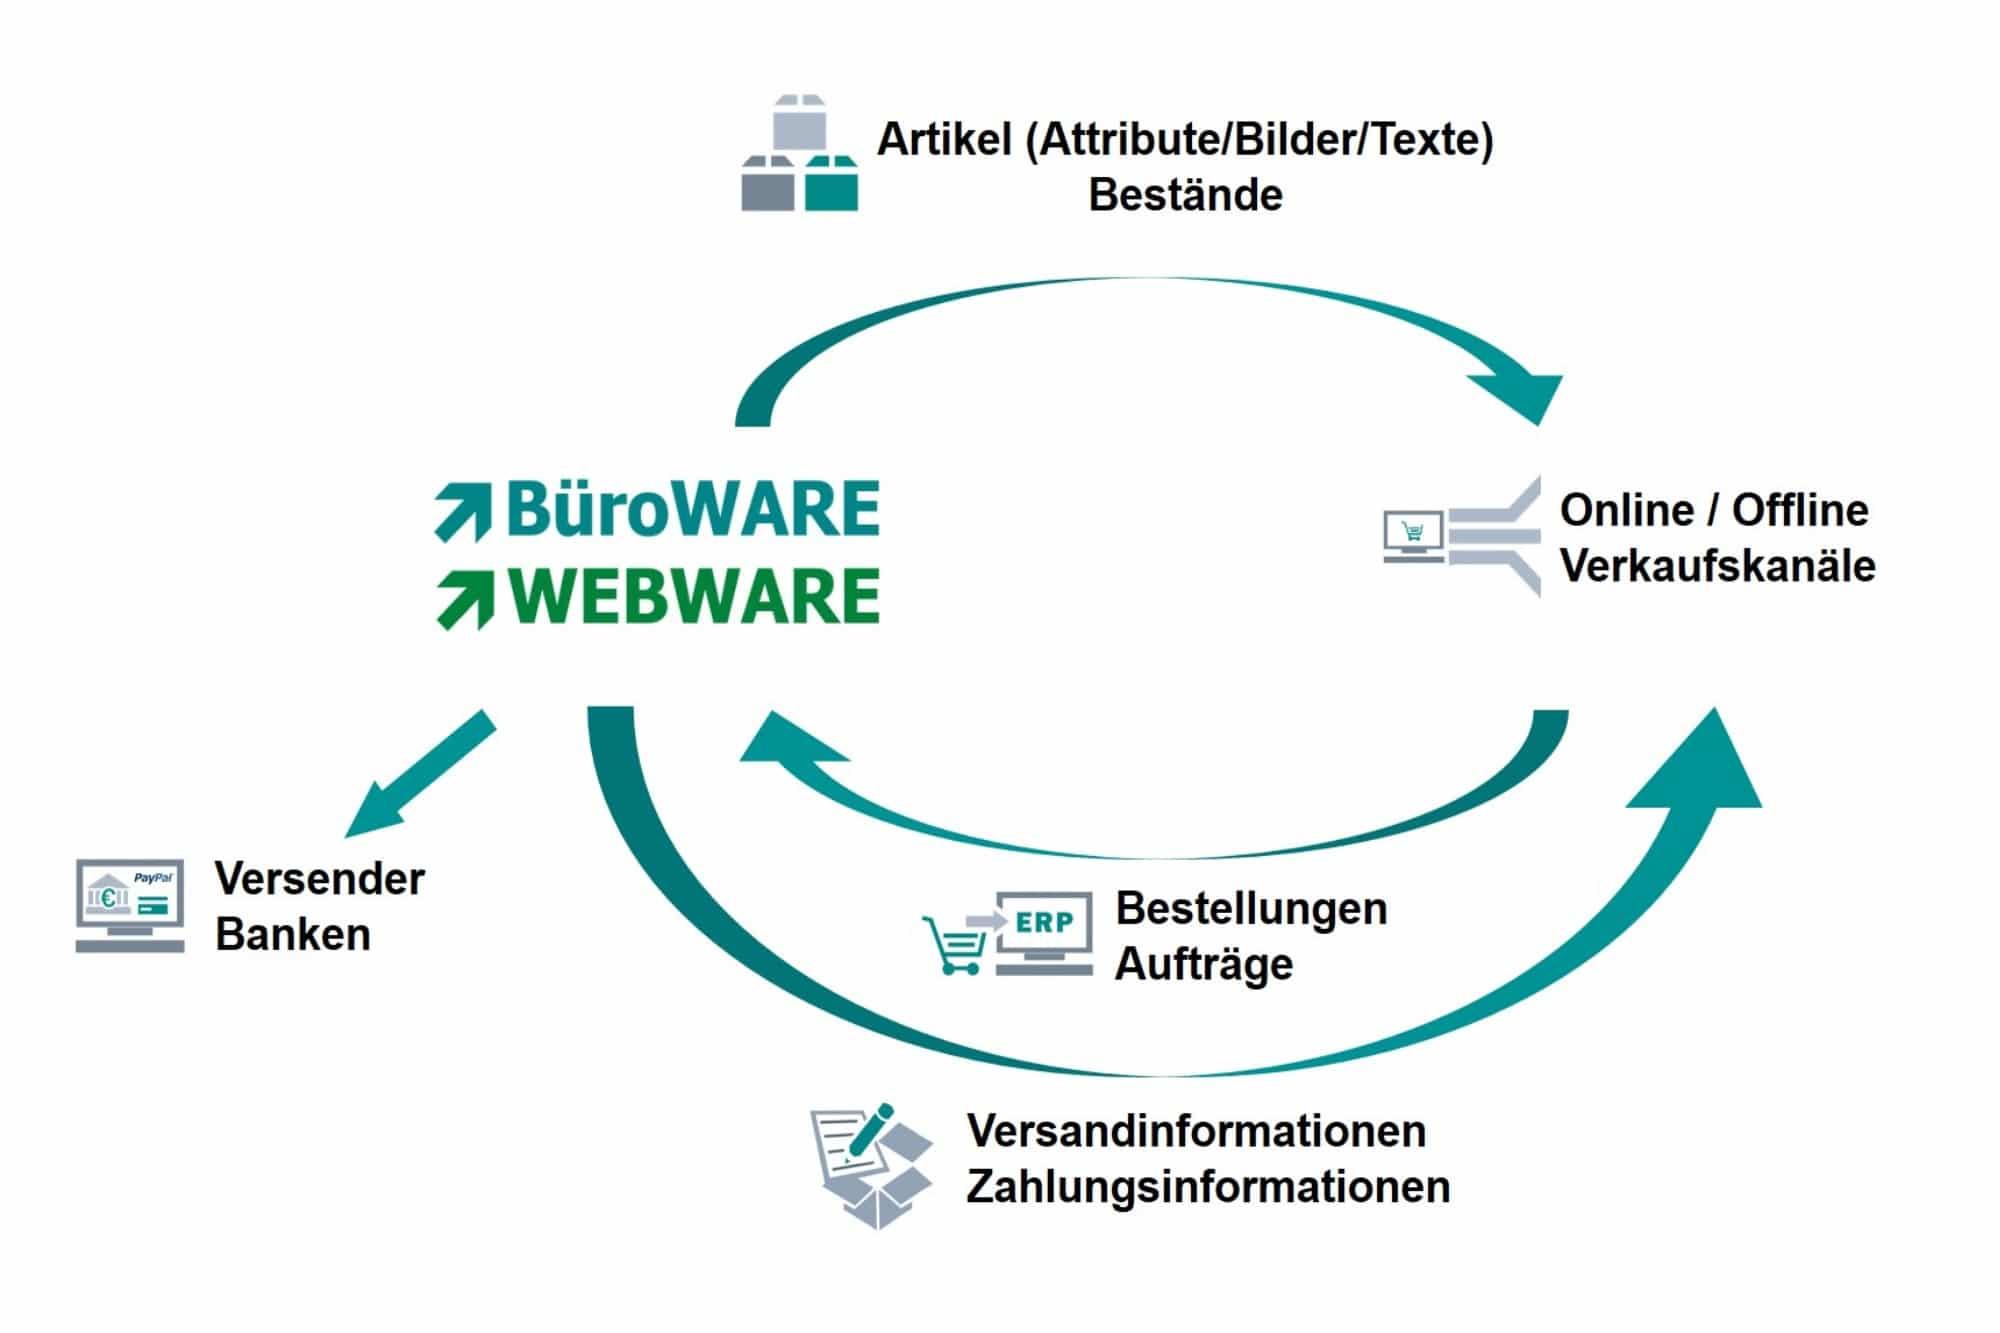 Informationsgrafik zur BüroWARE WEBWARE zum Shopabgleichsprozess